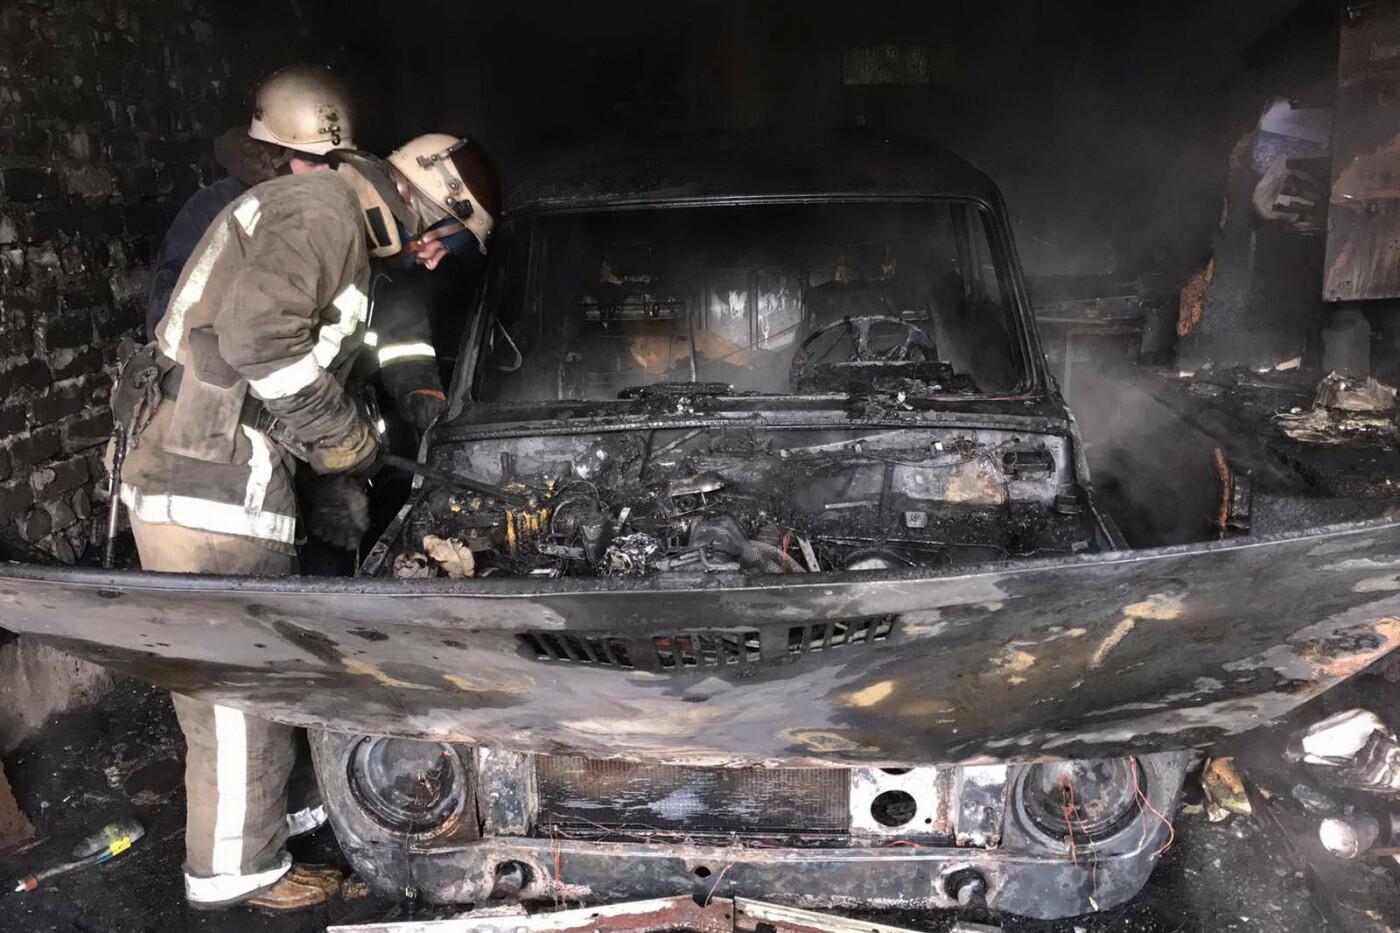 Пытался сам потушить огонь: в Харькове во время пожара в гаражном кооперативе пострадал мужчина, - ФОТО, фото-2